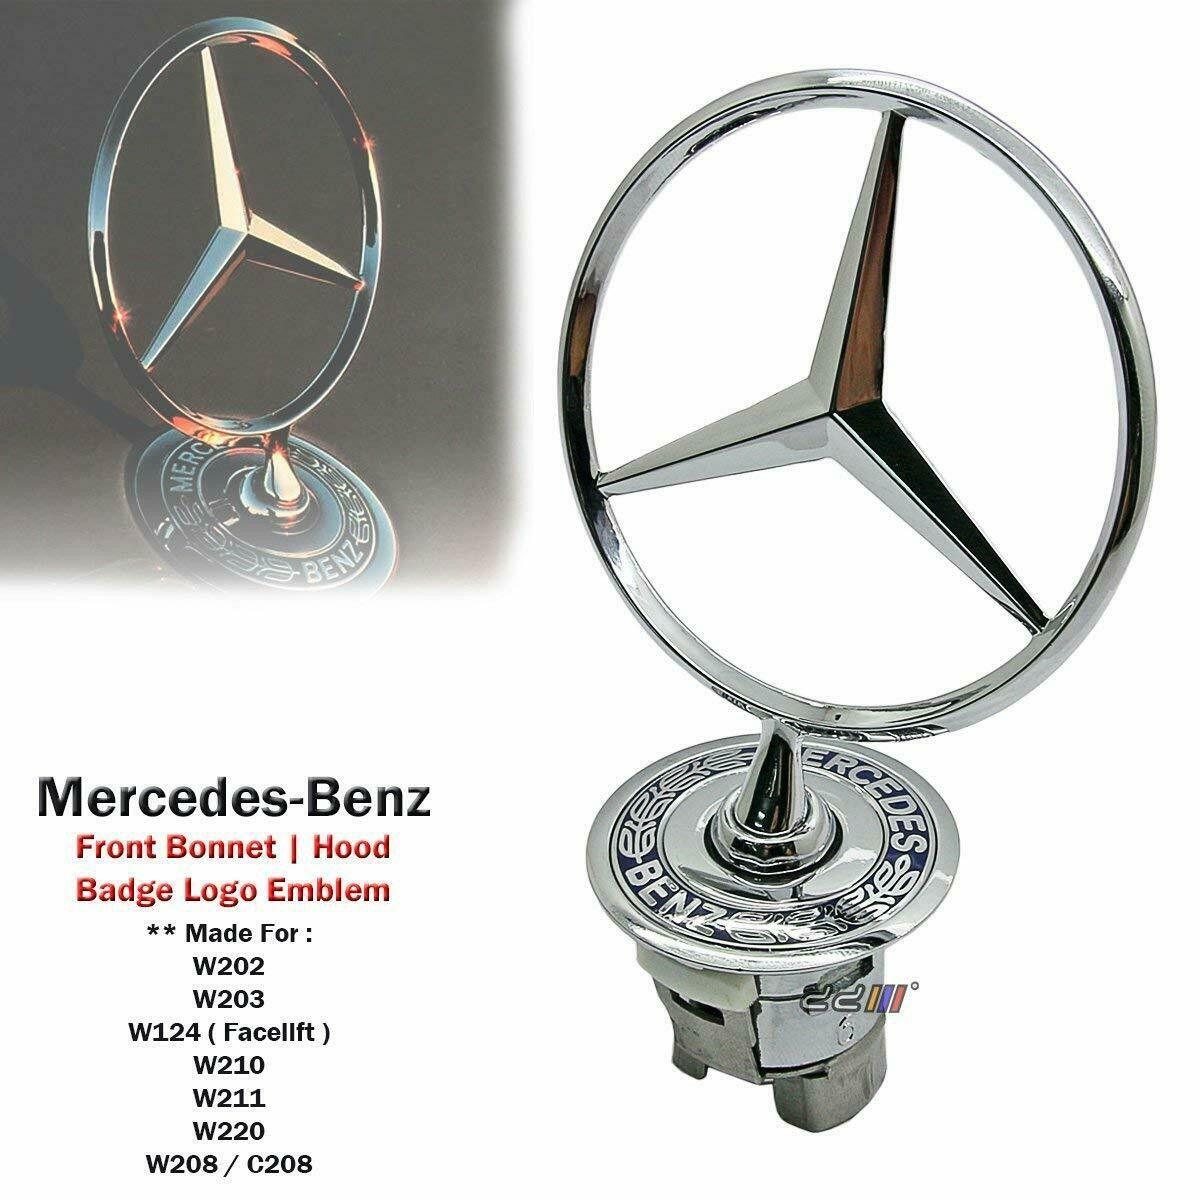 Mercedes Benz Star Hood Logo Emblem Badge 3d W210 W202 W203 C200 W211 Silver Mercedes Mercedes Benz Logo Mercedes Benz [ 1200 x 1200 Pixel ]